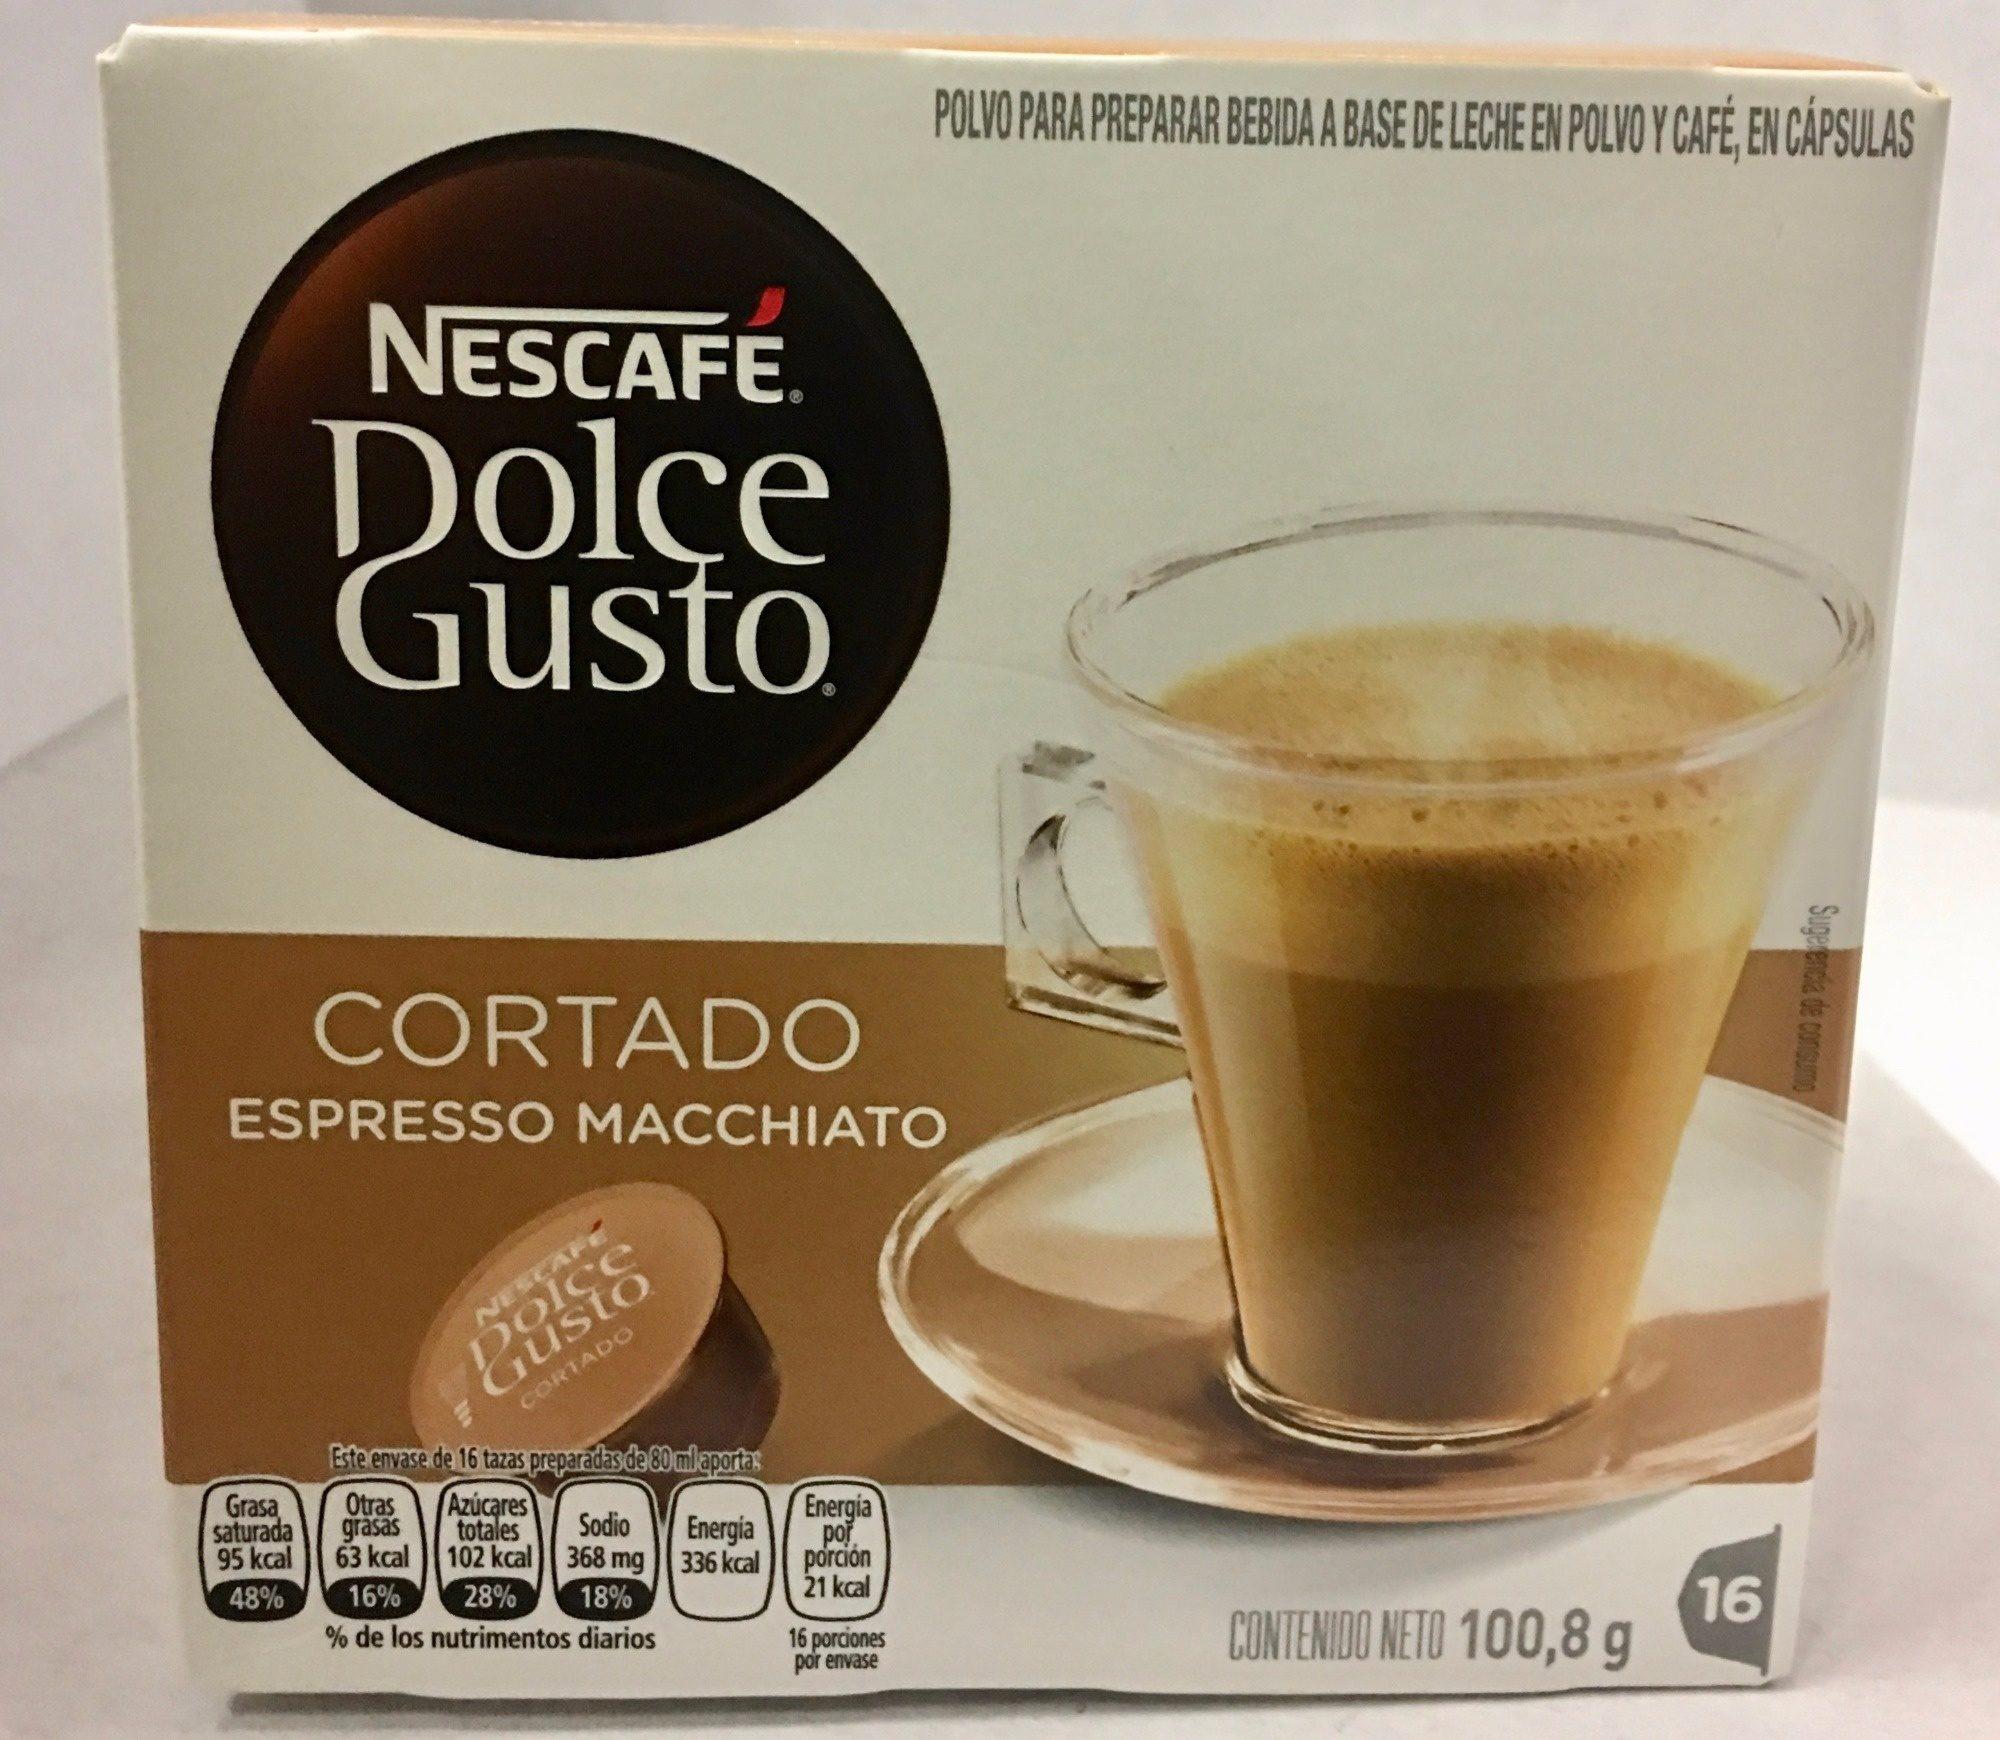 Dolce Gusto cortado espresso macchiato - Product - es